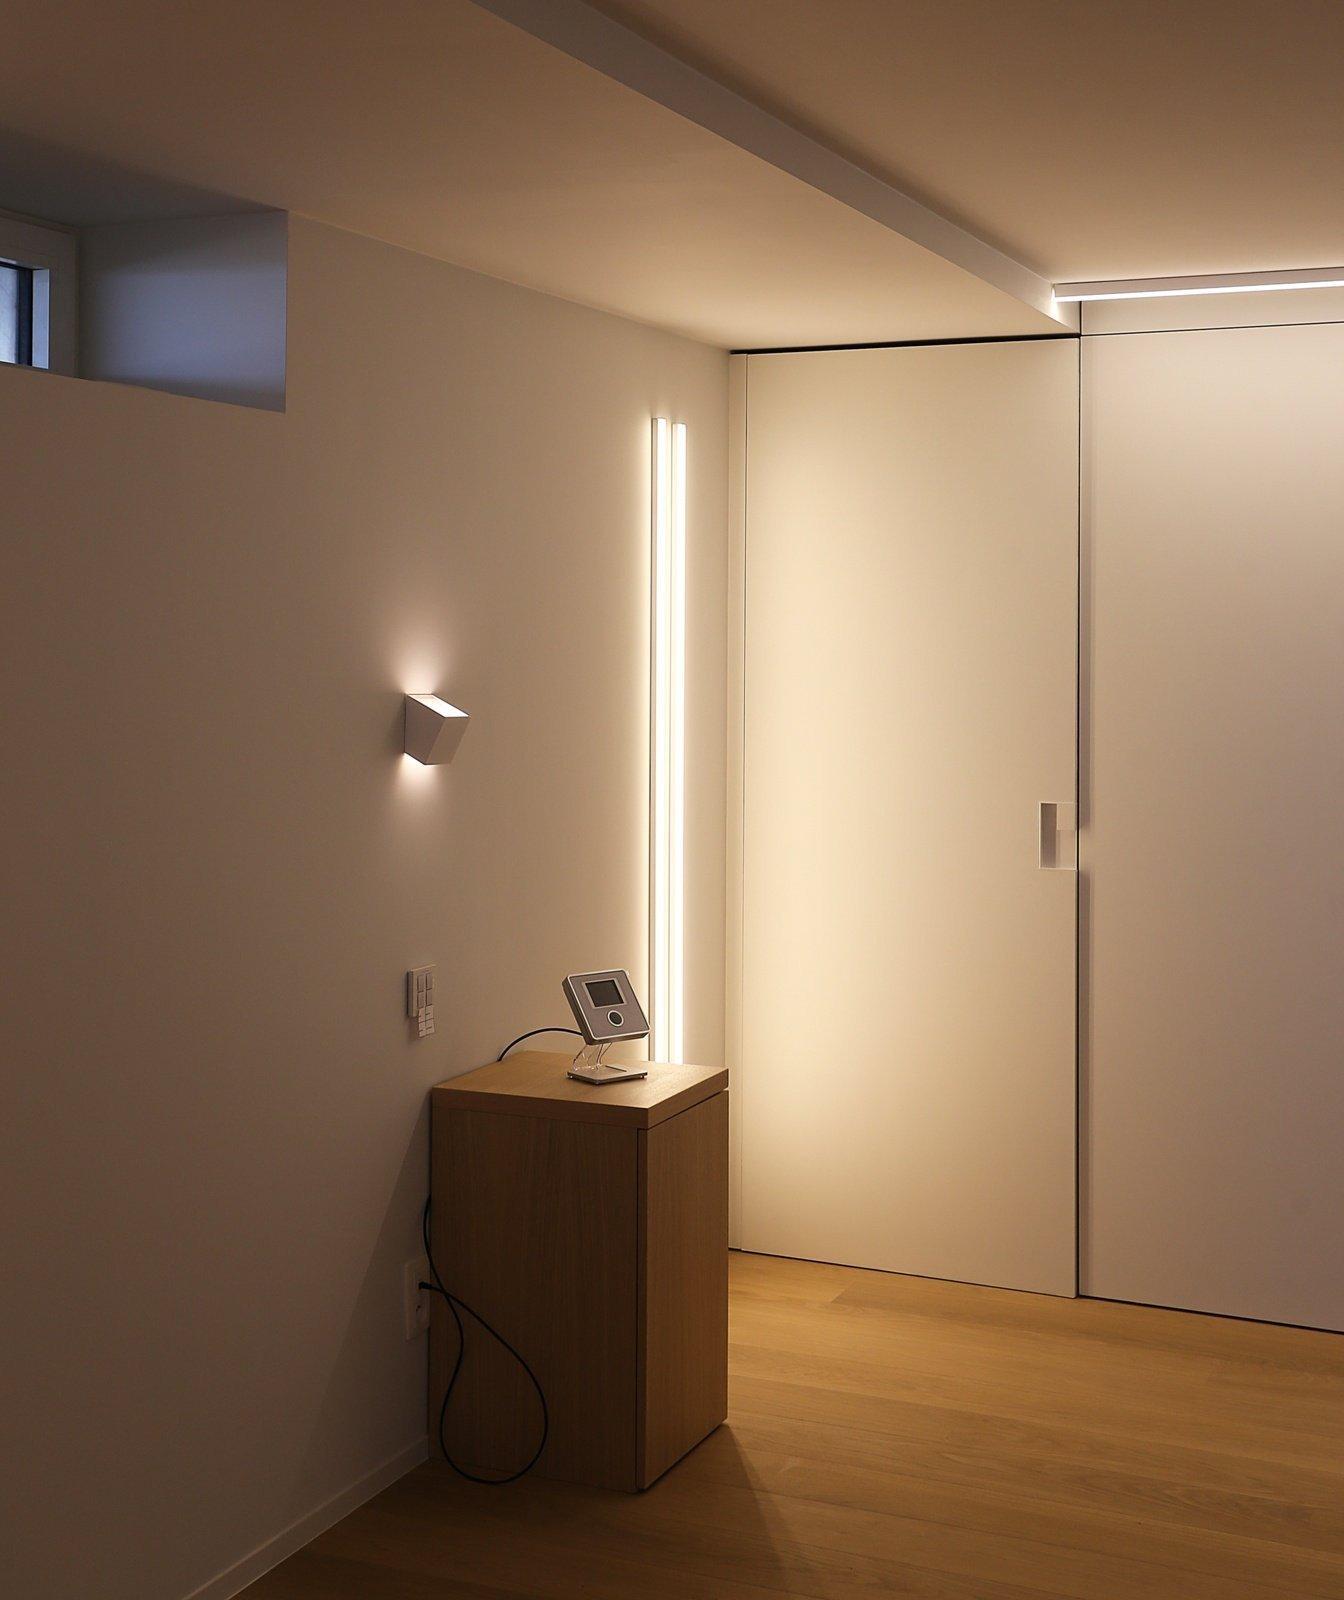 Badkamer appartement DG - Knokke Heist